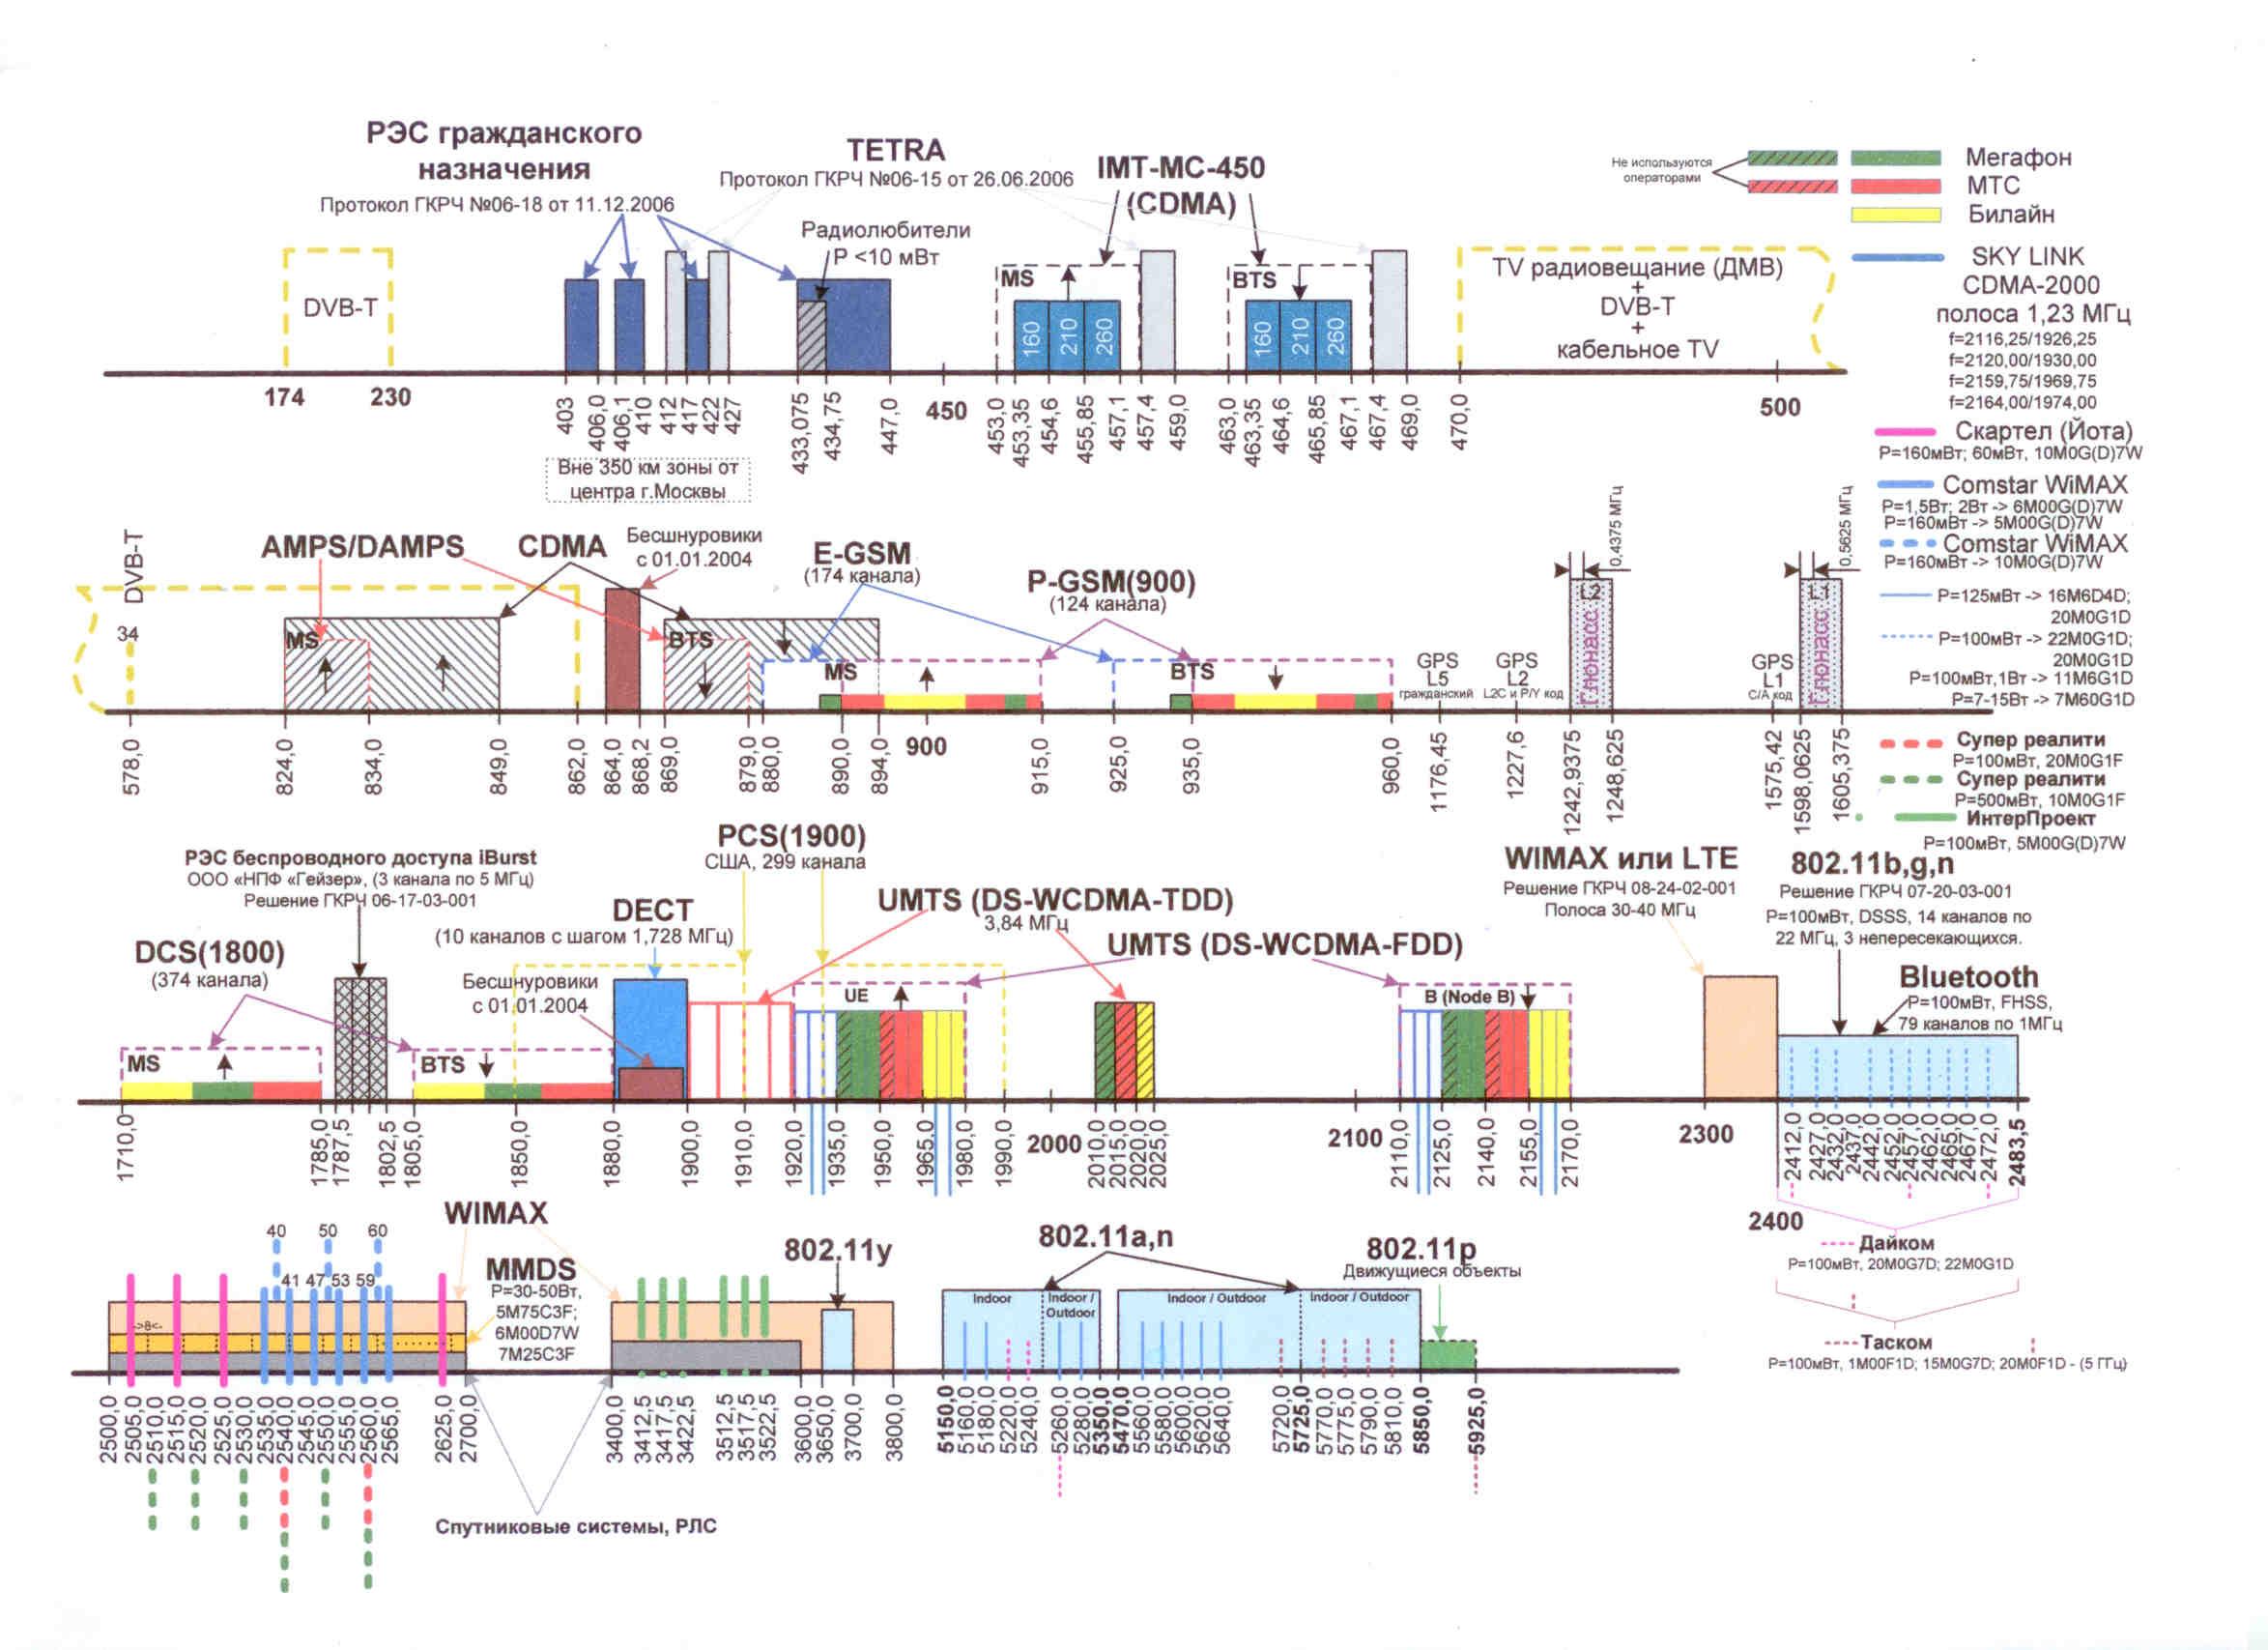 Общая таблица радиочастот